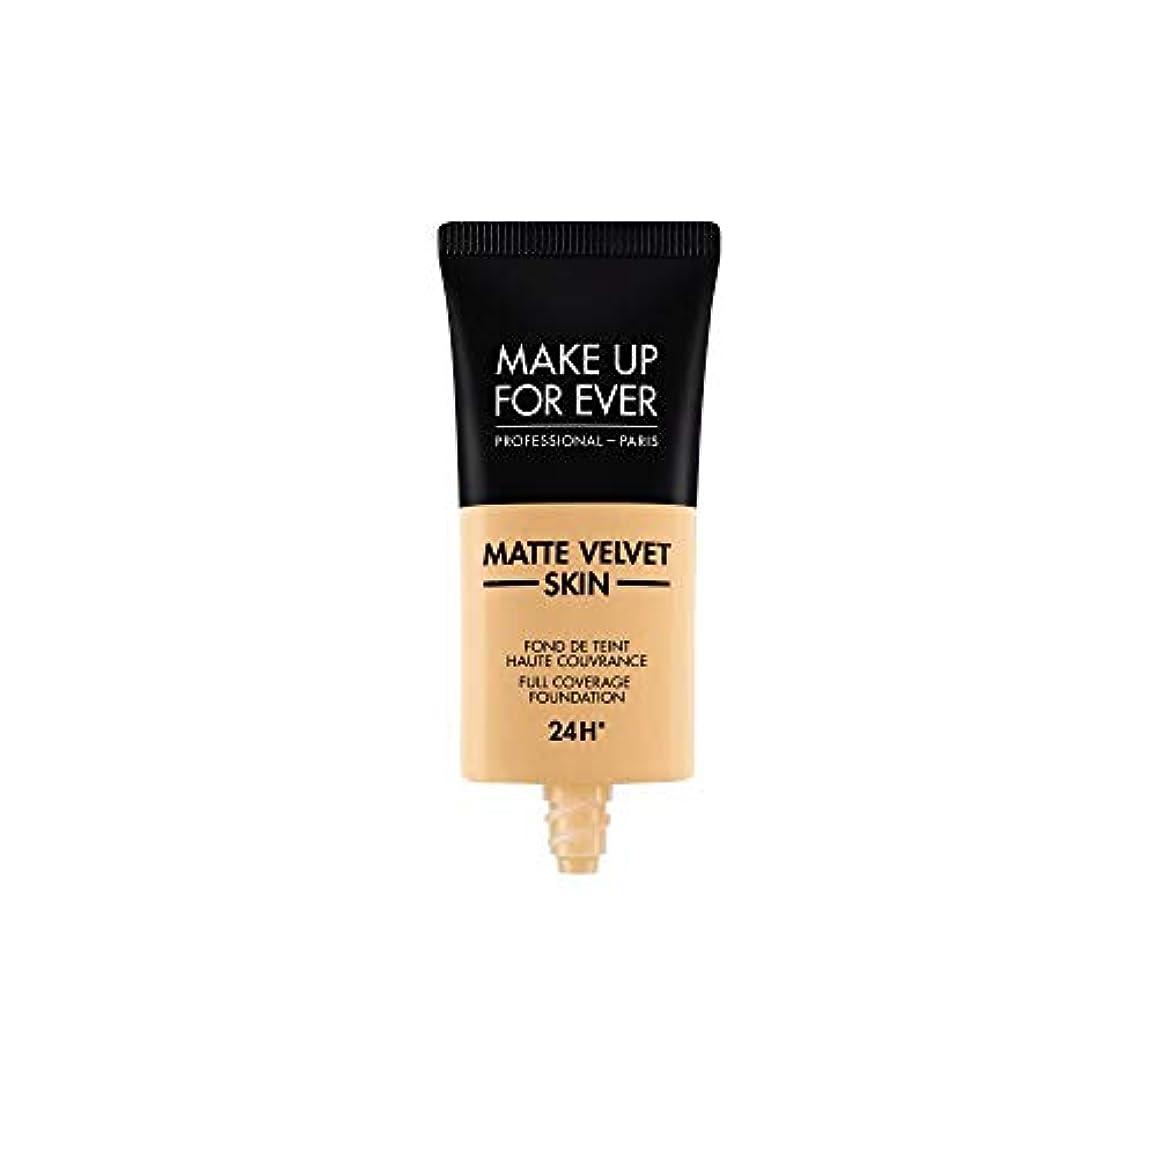 パンツ暴露する懸念メイクアップフォーエバー Matte Velvet Skin Full Coverage Foundation - # Y245 (Soft Sand) 30ml/1oz並行輸入品